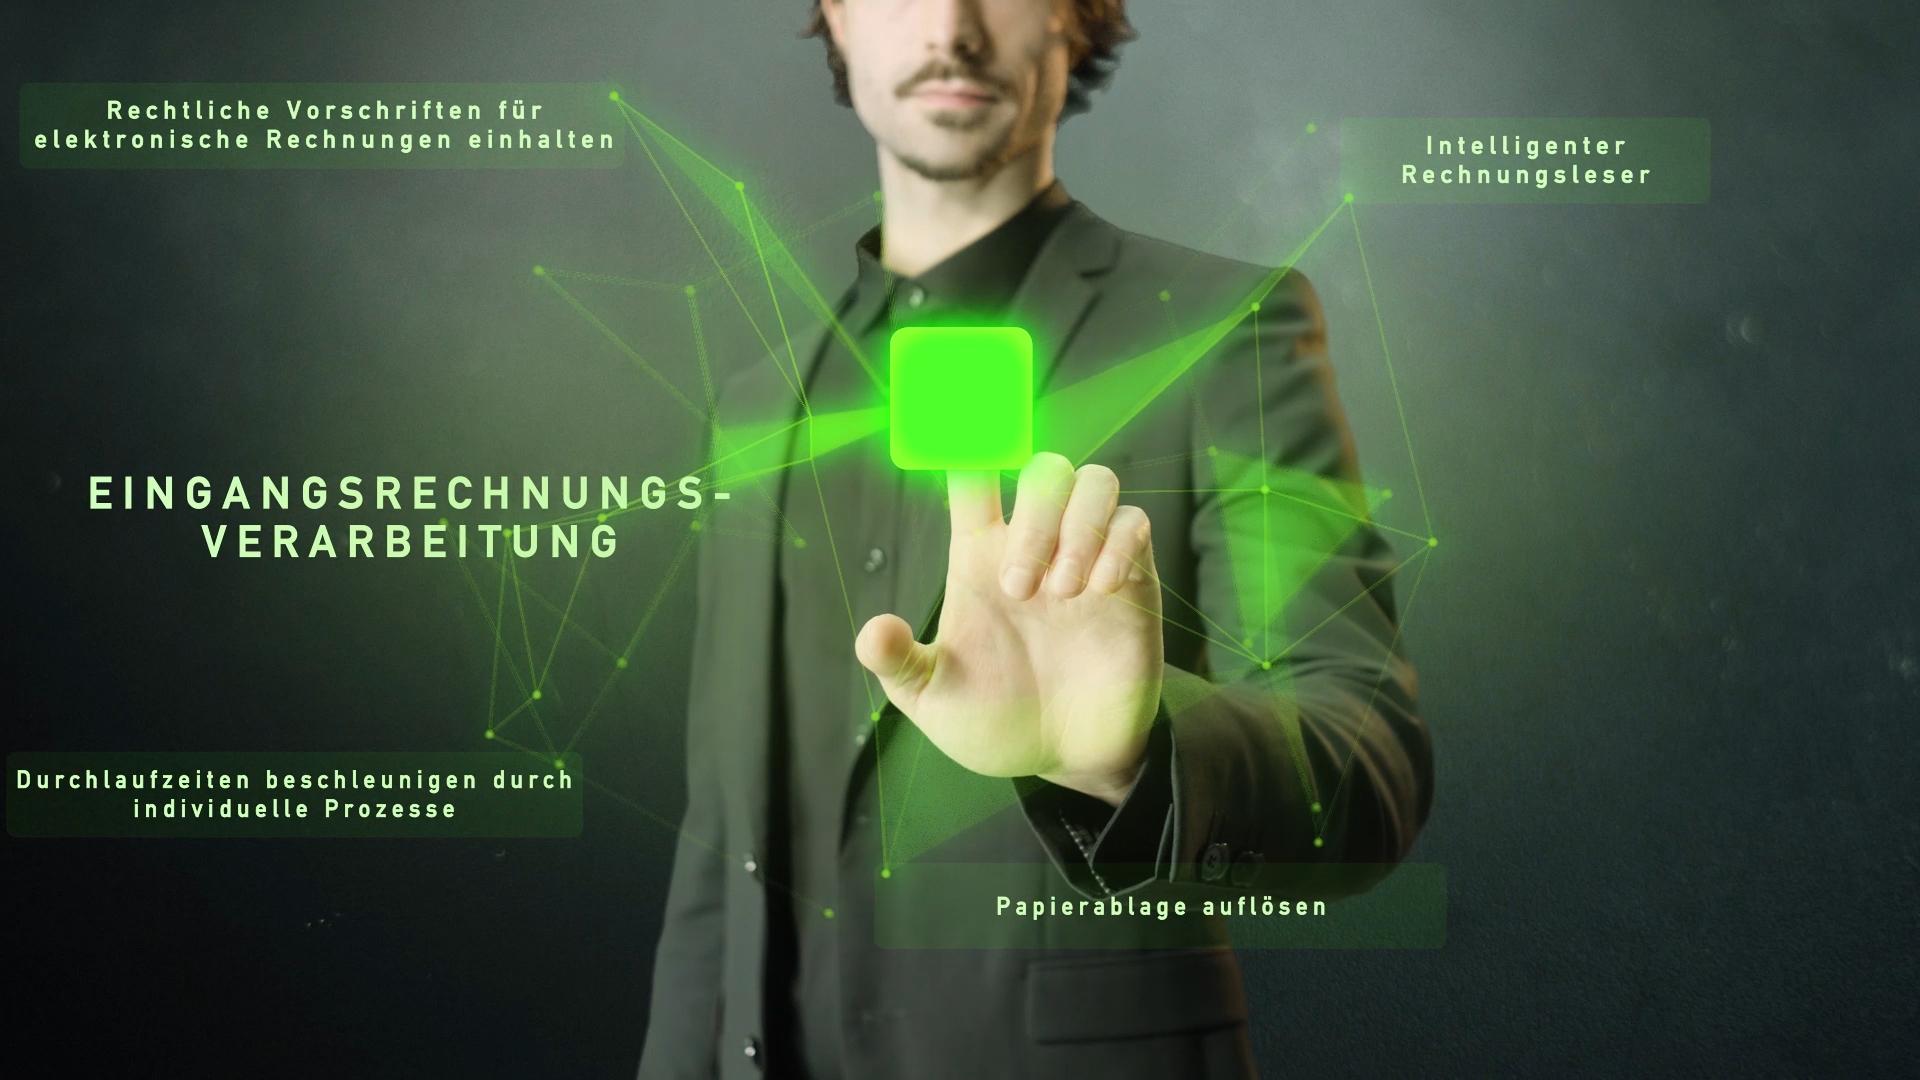 grünes Netzwerk mit Wort Eingangsrechnungsverarbeitung und Mann im Hintergrund